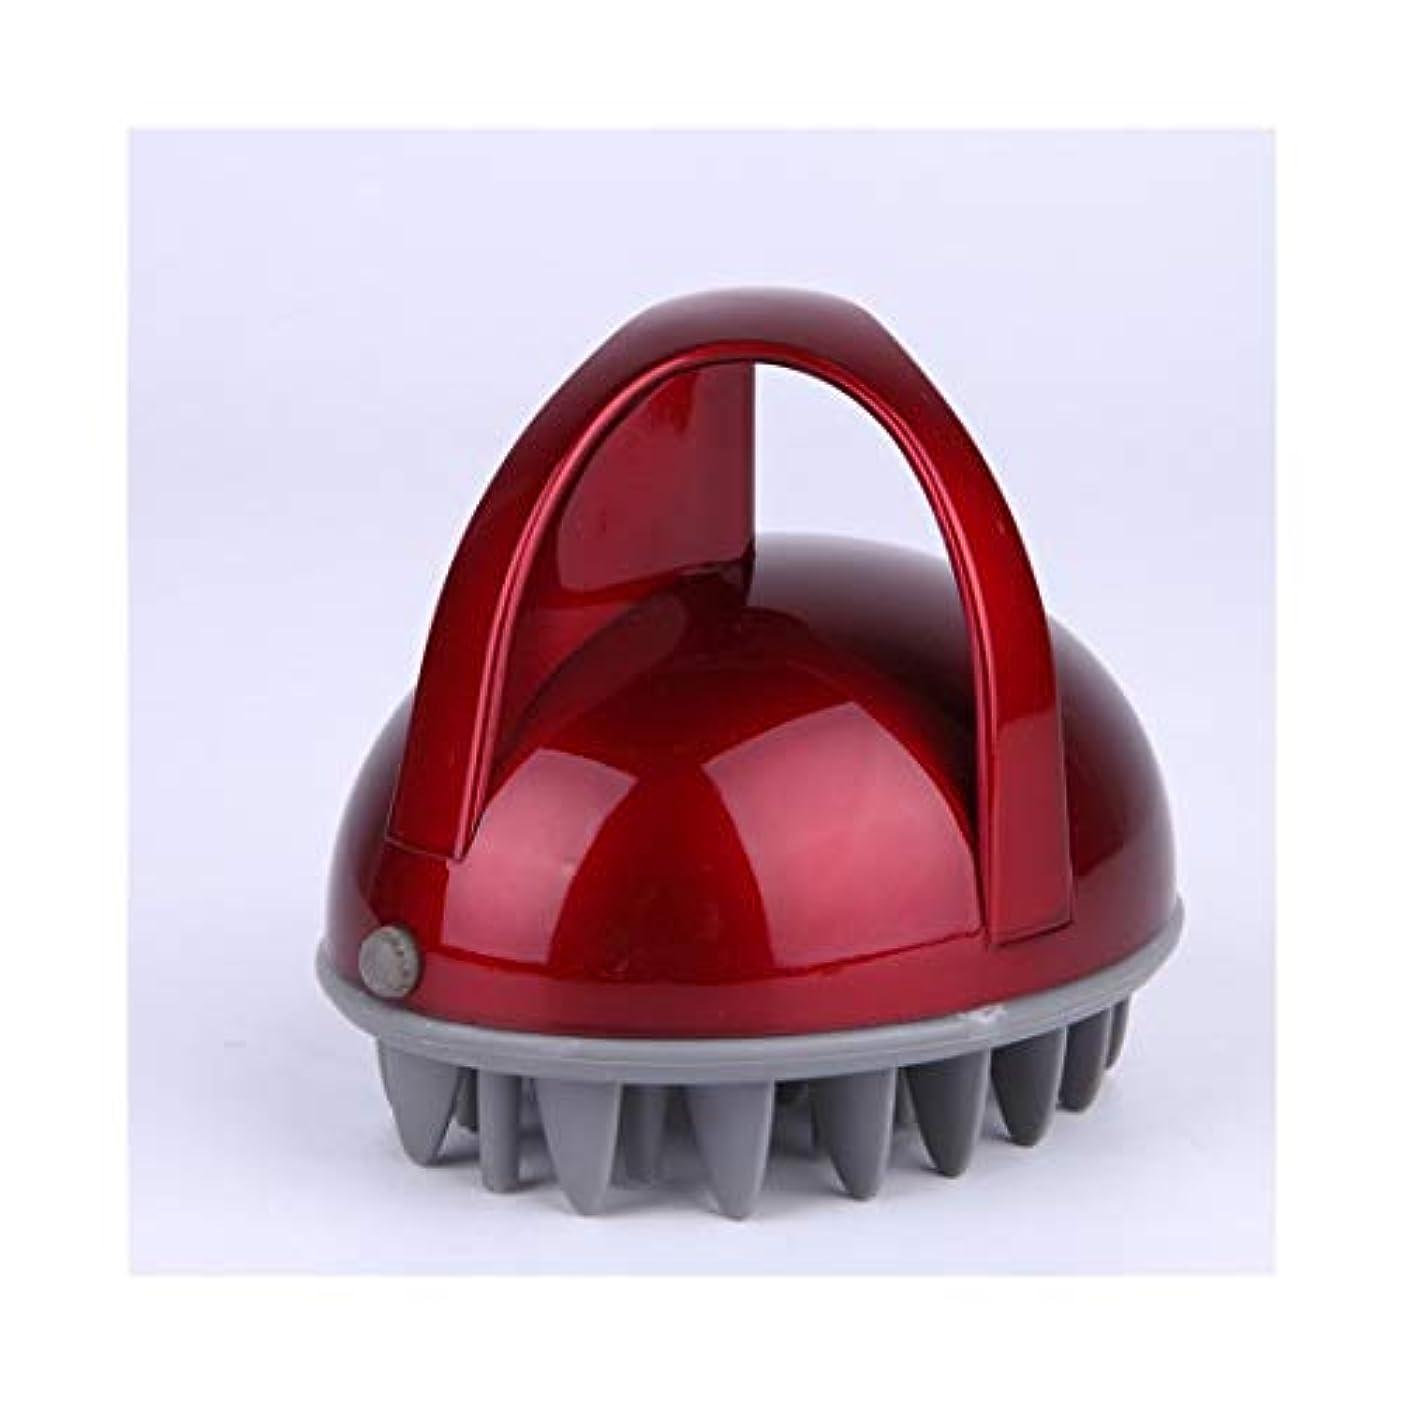 ジェット色合い上院ZYL-YL 防水帯電防止ヘッドマッサージャー電動シャンプーブラシ頭皮シリコーン (色 : レッド)